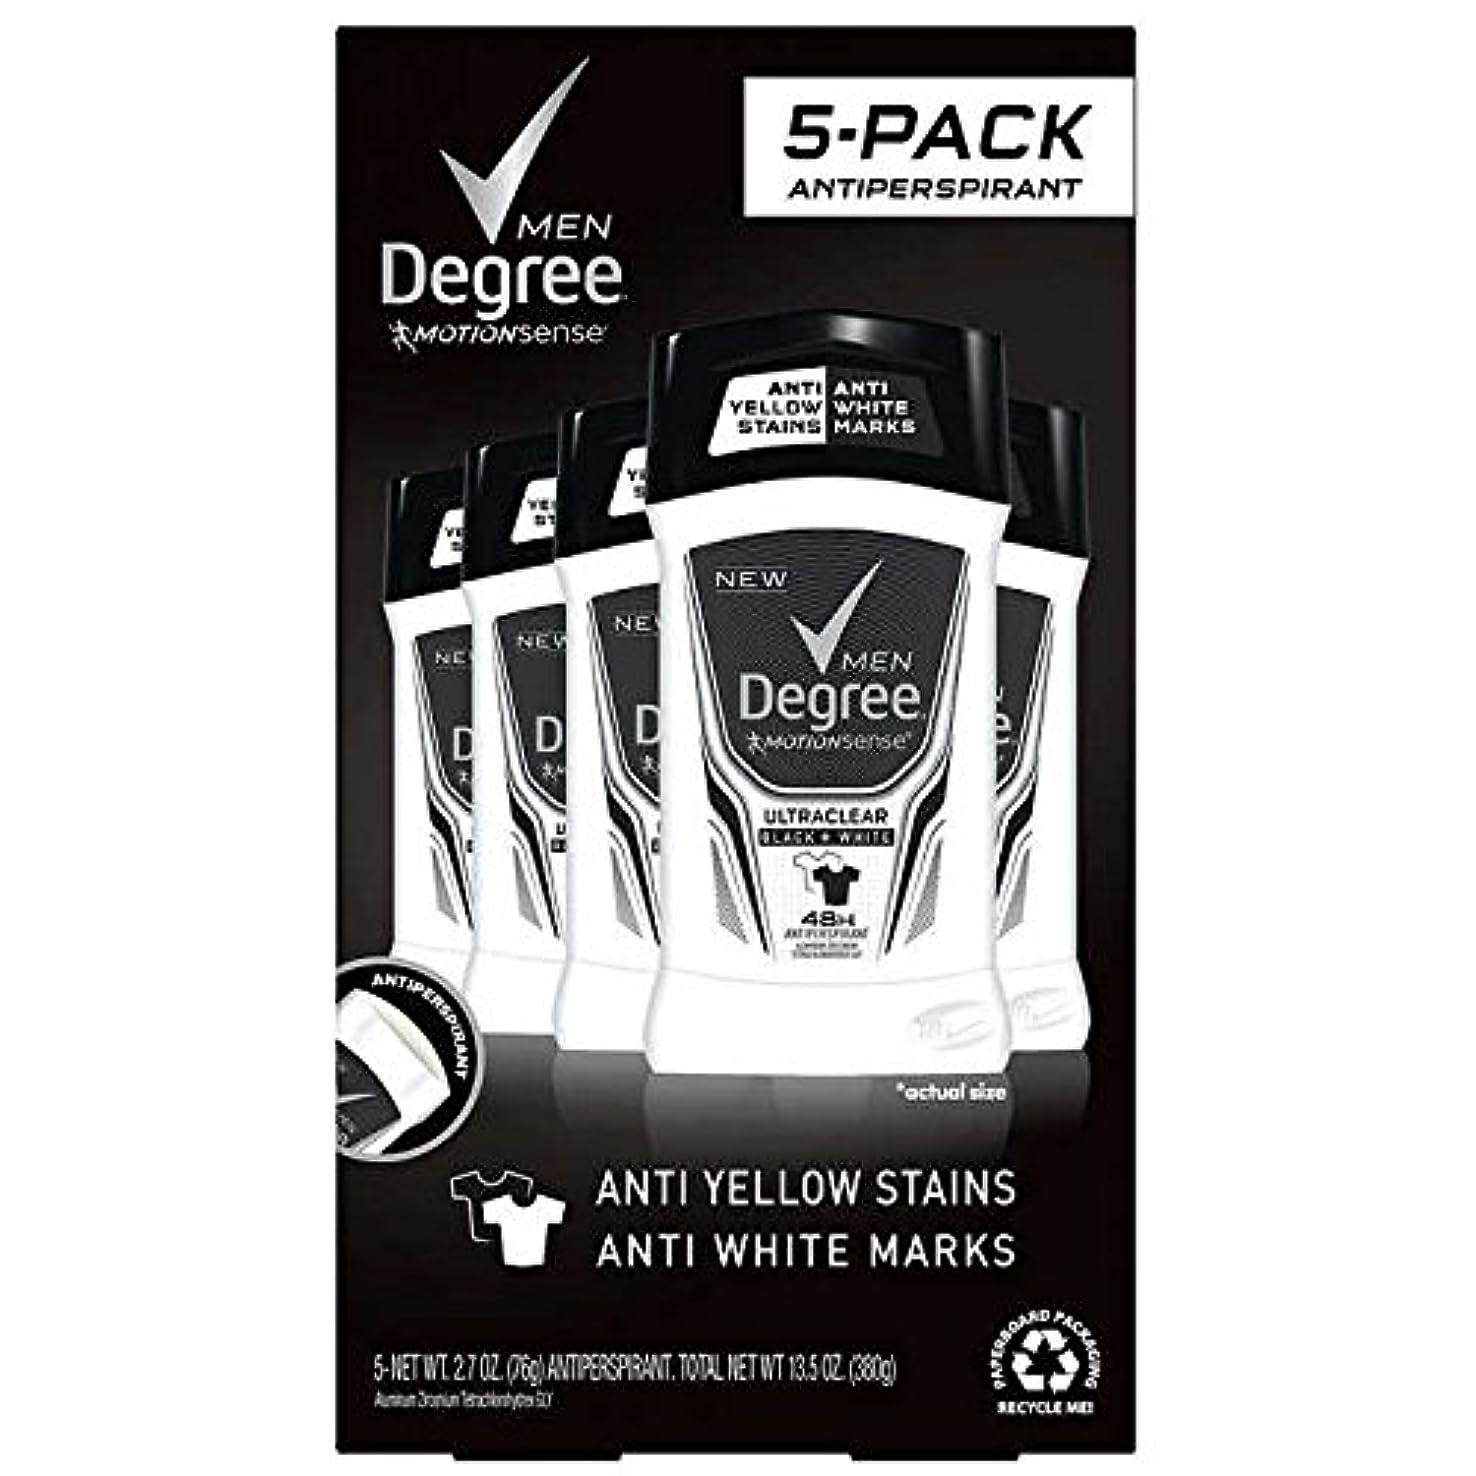 まで定説雑種Degree Men Ultra Clear Black + White Solid Deodorant 2.7oz (76g), 5-pack [並行輸入品]